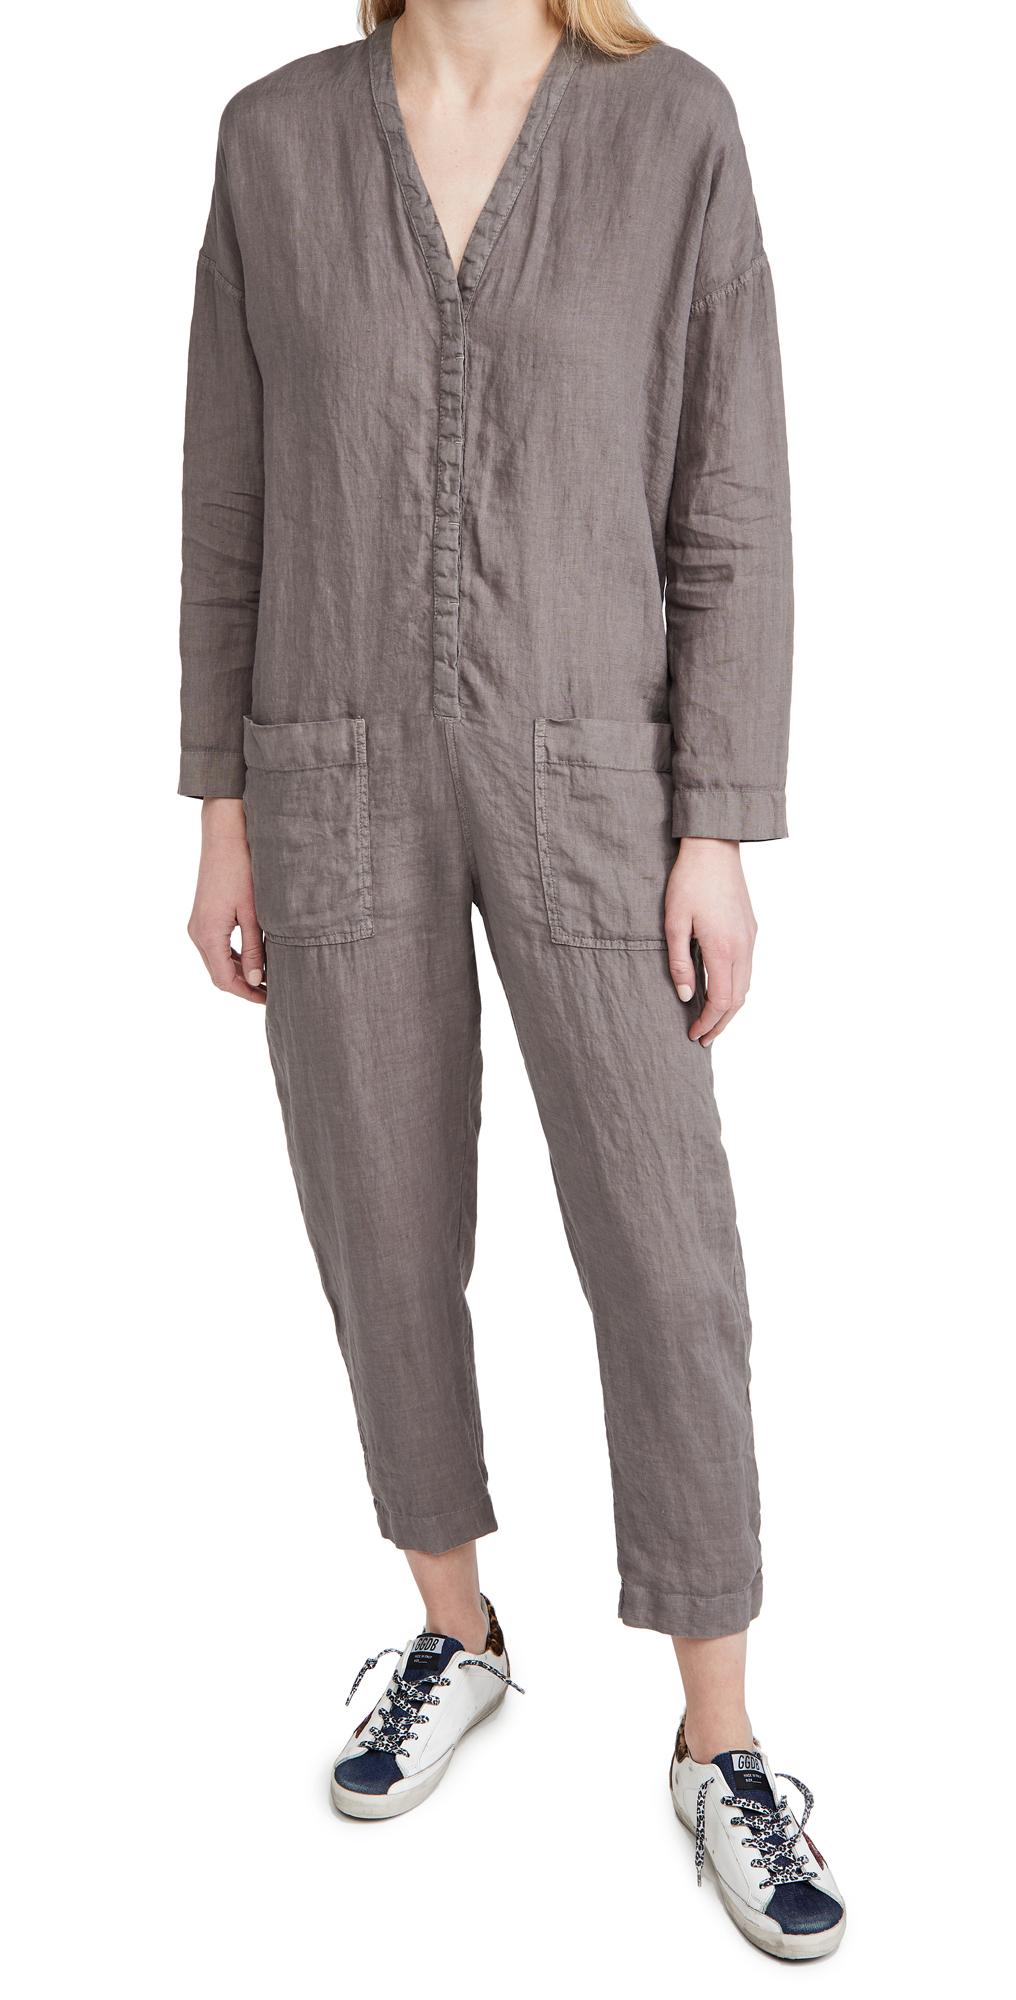 James Perse Canvas Linen Jumpsuit